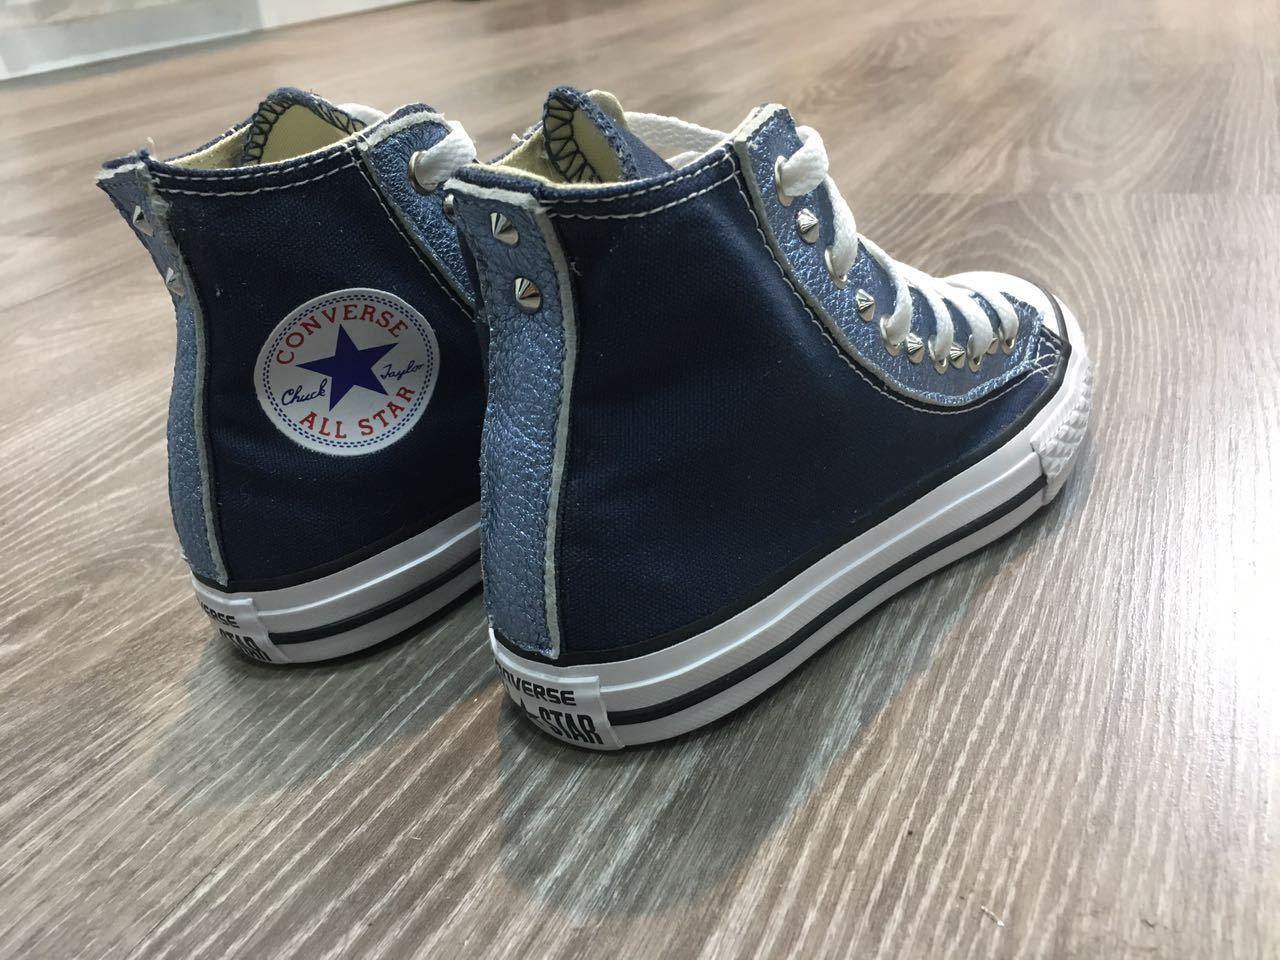 Converse personalizzate all star chuck taylor personalizzate Converse con borchie e pelle 5e3e87